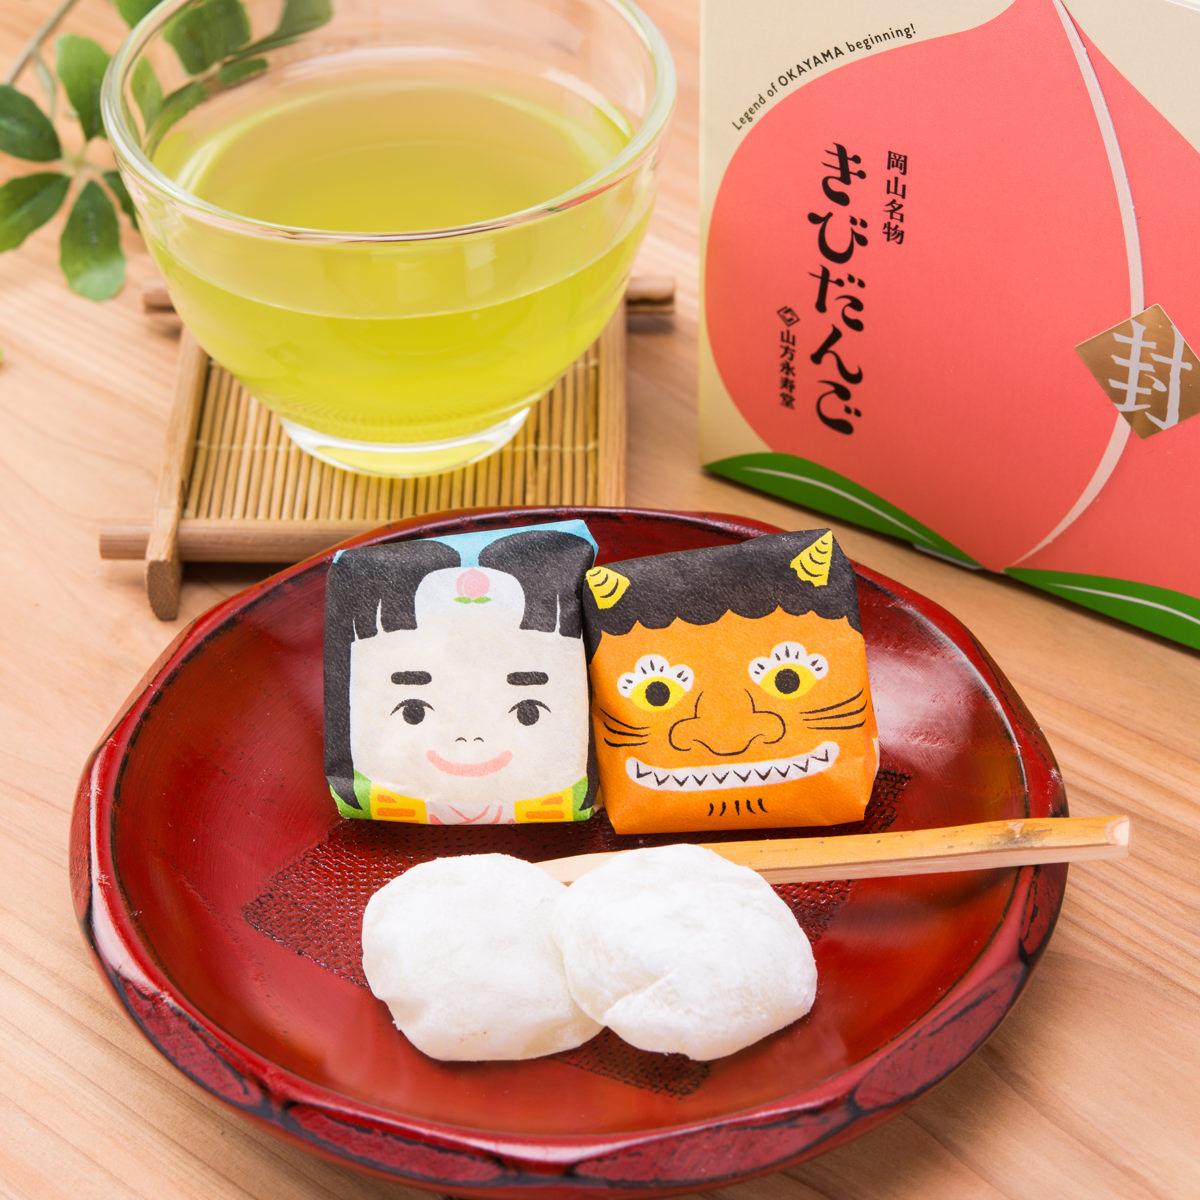 山方永寿堂 きびだんご プレーン味 かわいい桃太郎デザインが女性に人気 岡山土産〔10個入×6箱〕